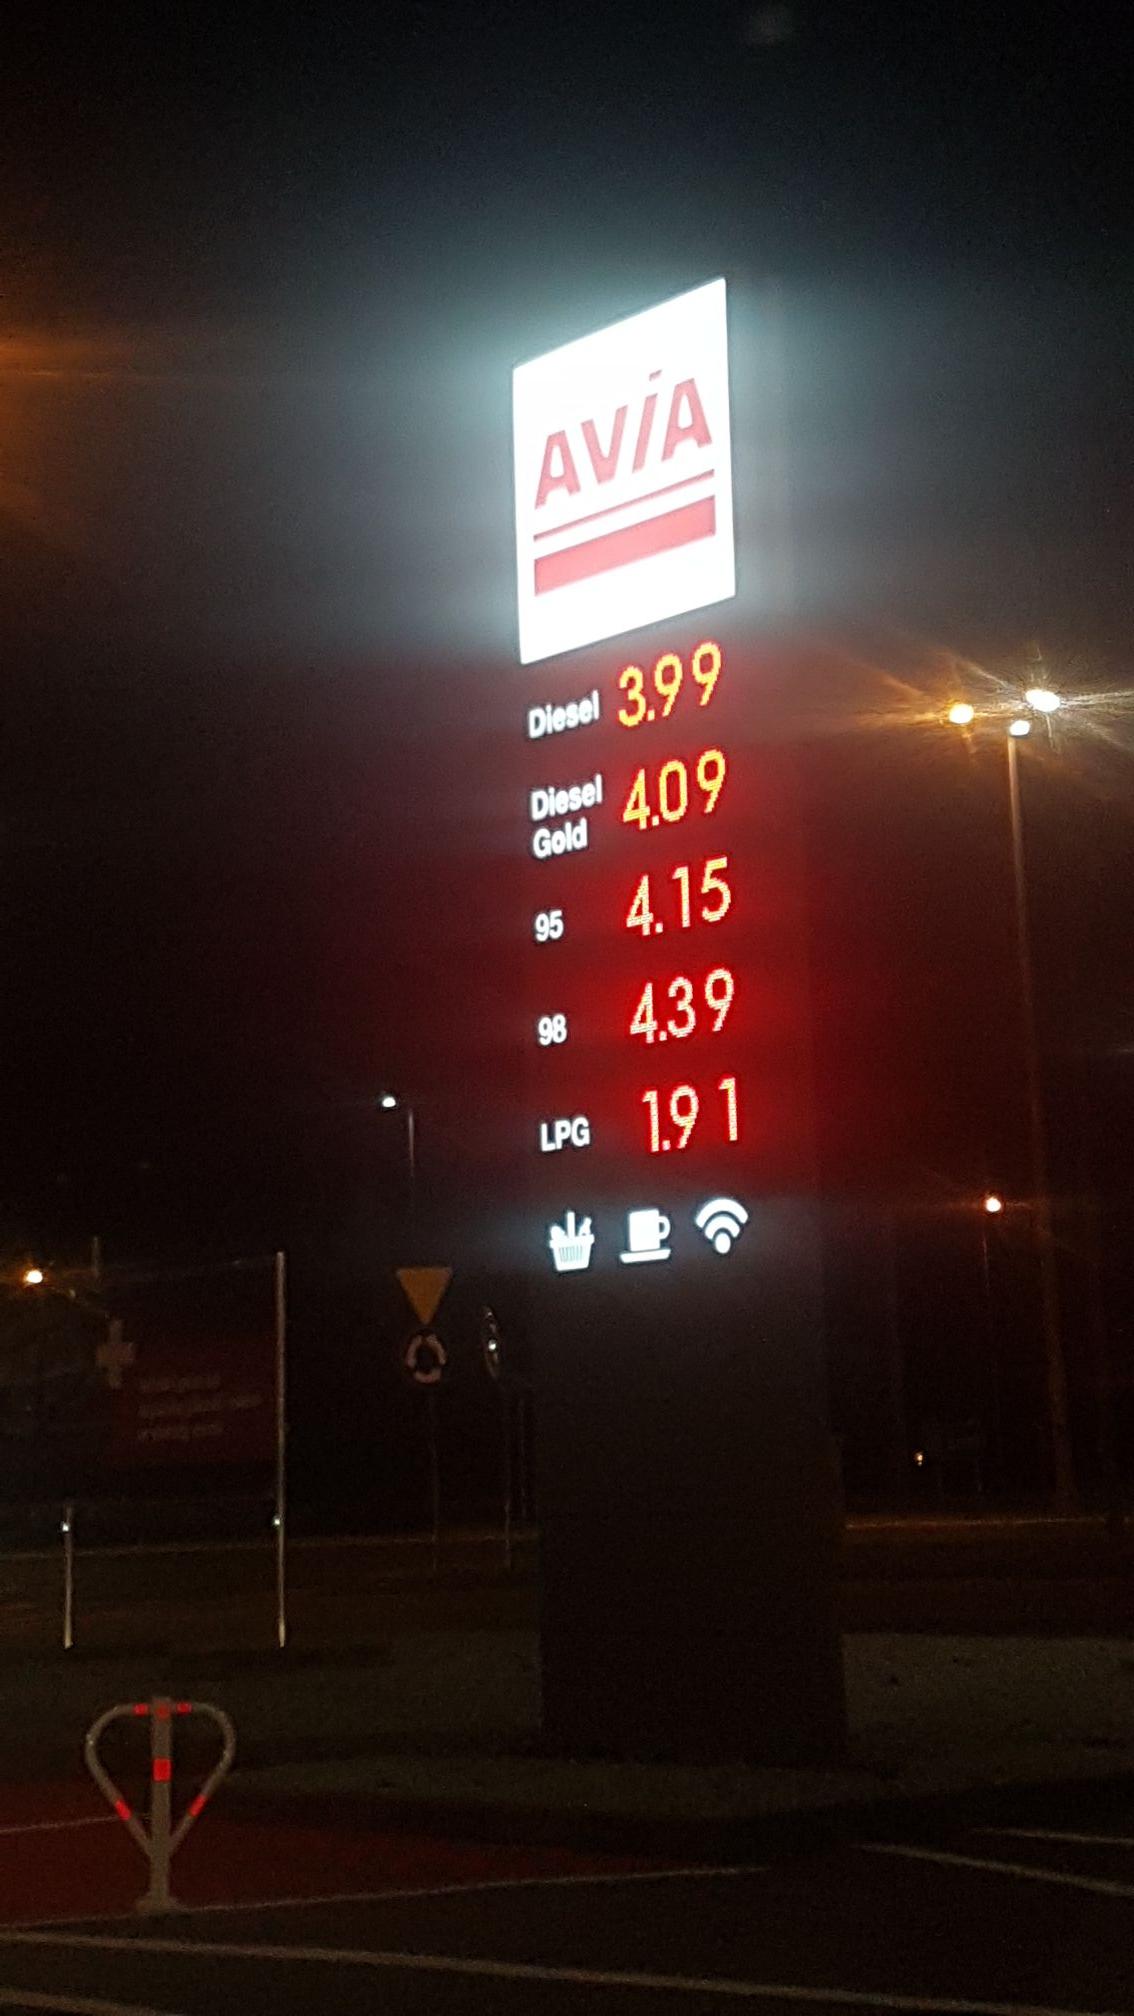 ON za 3,99. Stacja paliw Avia. Gorzów Wielkopolski.